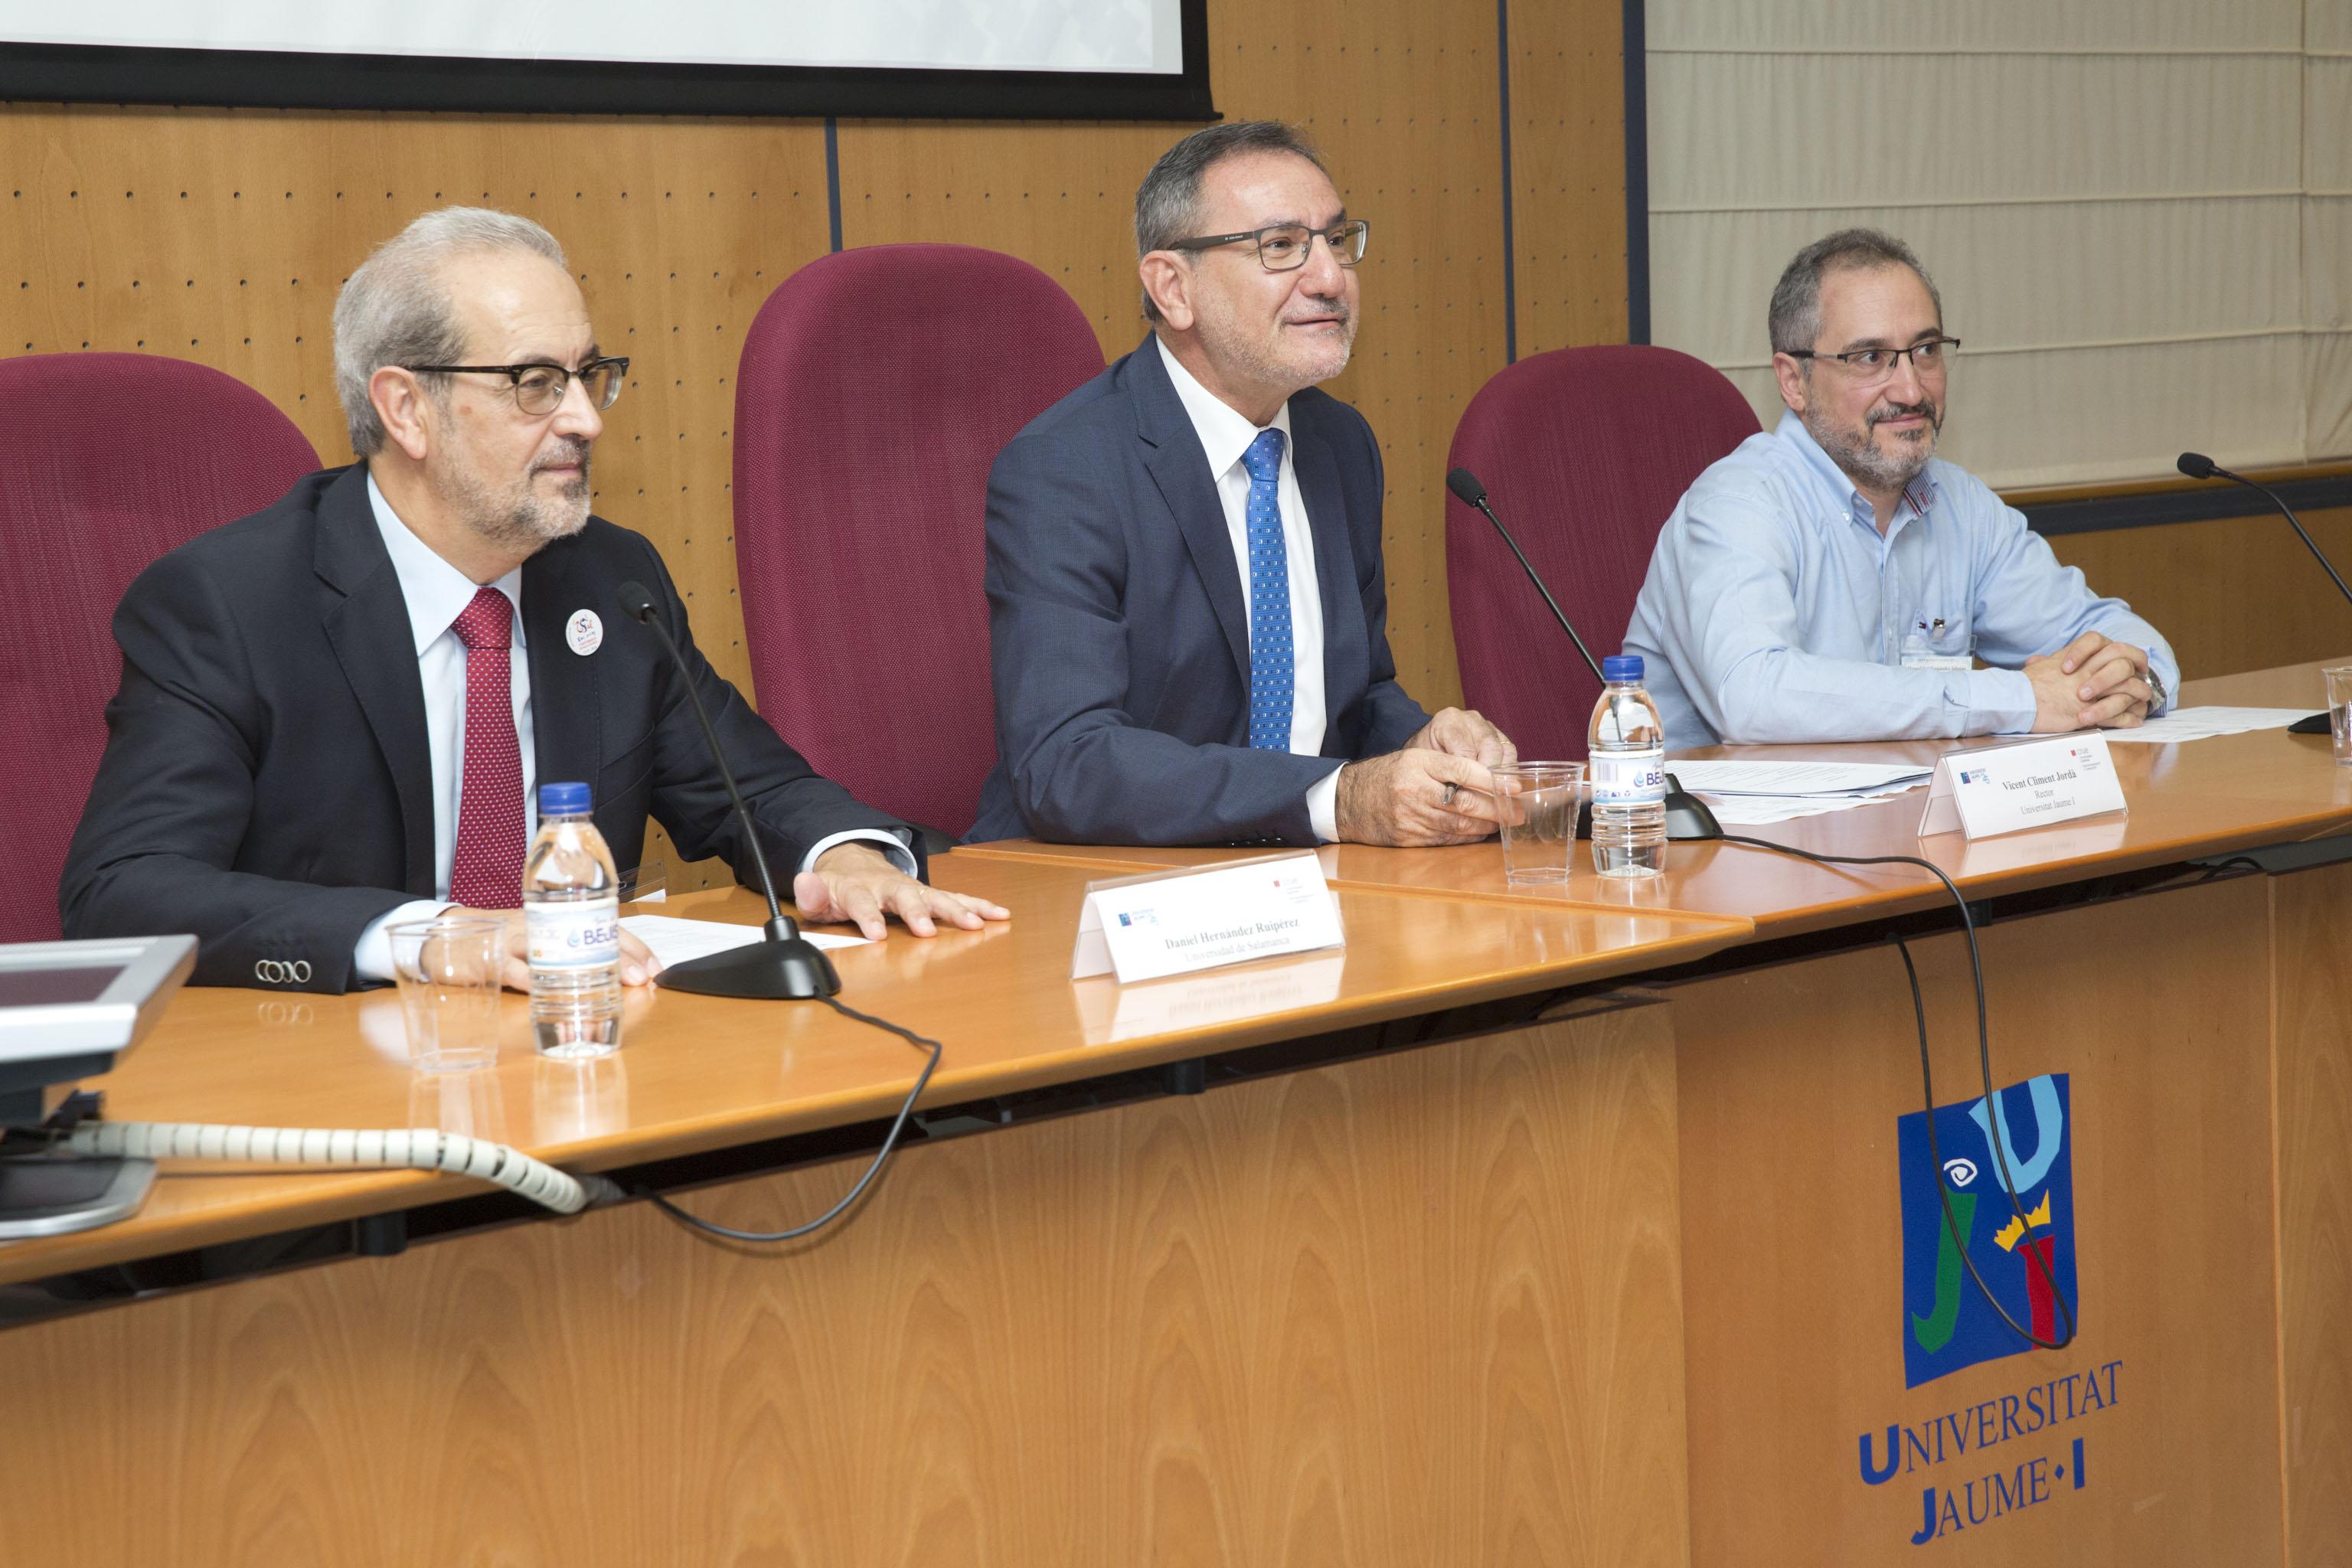 La Universidad de Salamanca participa en la reunión sectorial de Internacionalización y Cooperación de la Conferencia de Rectores de las Universidades Españolas